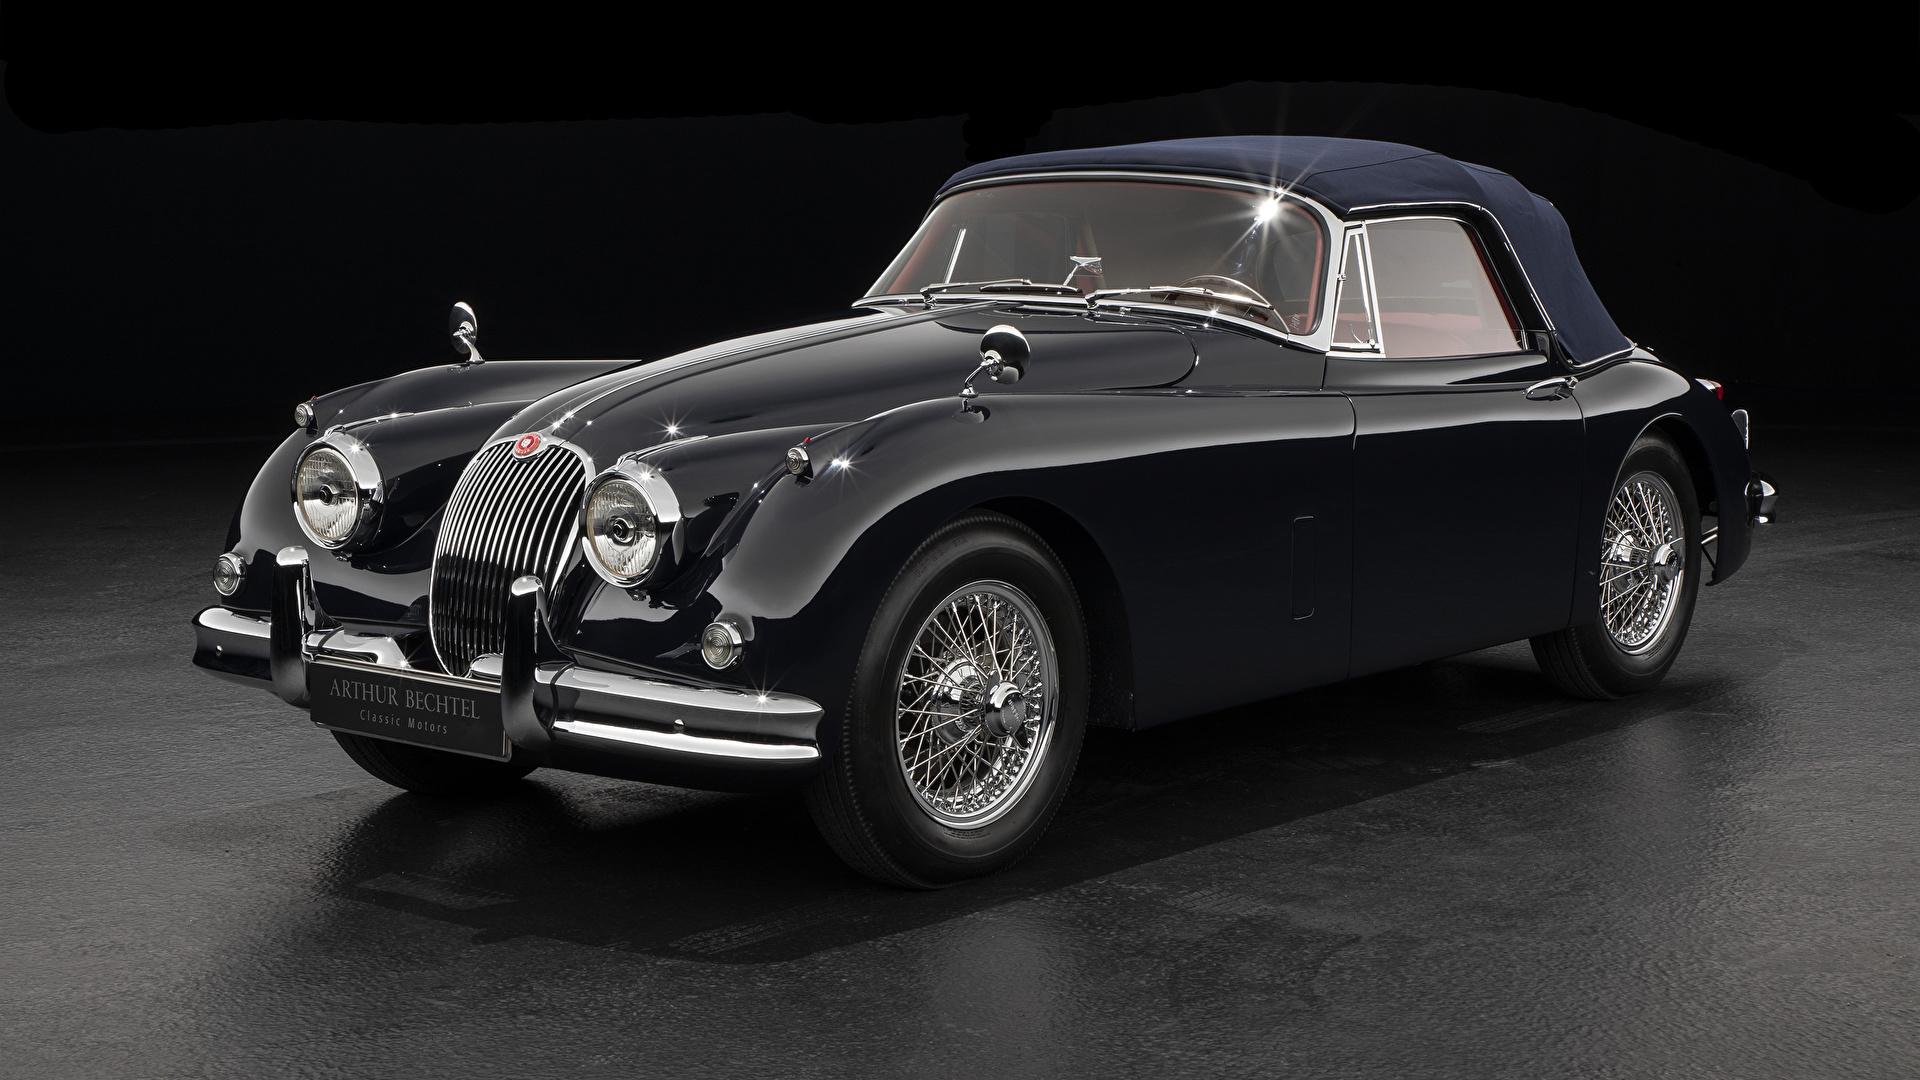 Фотографии Ягуар 1958-61 XK150 Drophead Coupe Купе Ретро Черный Металлик автомобиль Серый фон 1920x1080 Jaguar черных черные черная Винтаж старинные авто машина машины Автомобили сером фоне